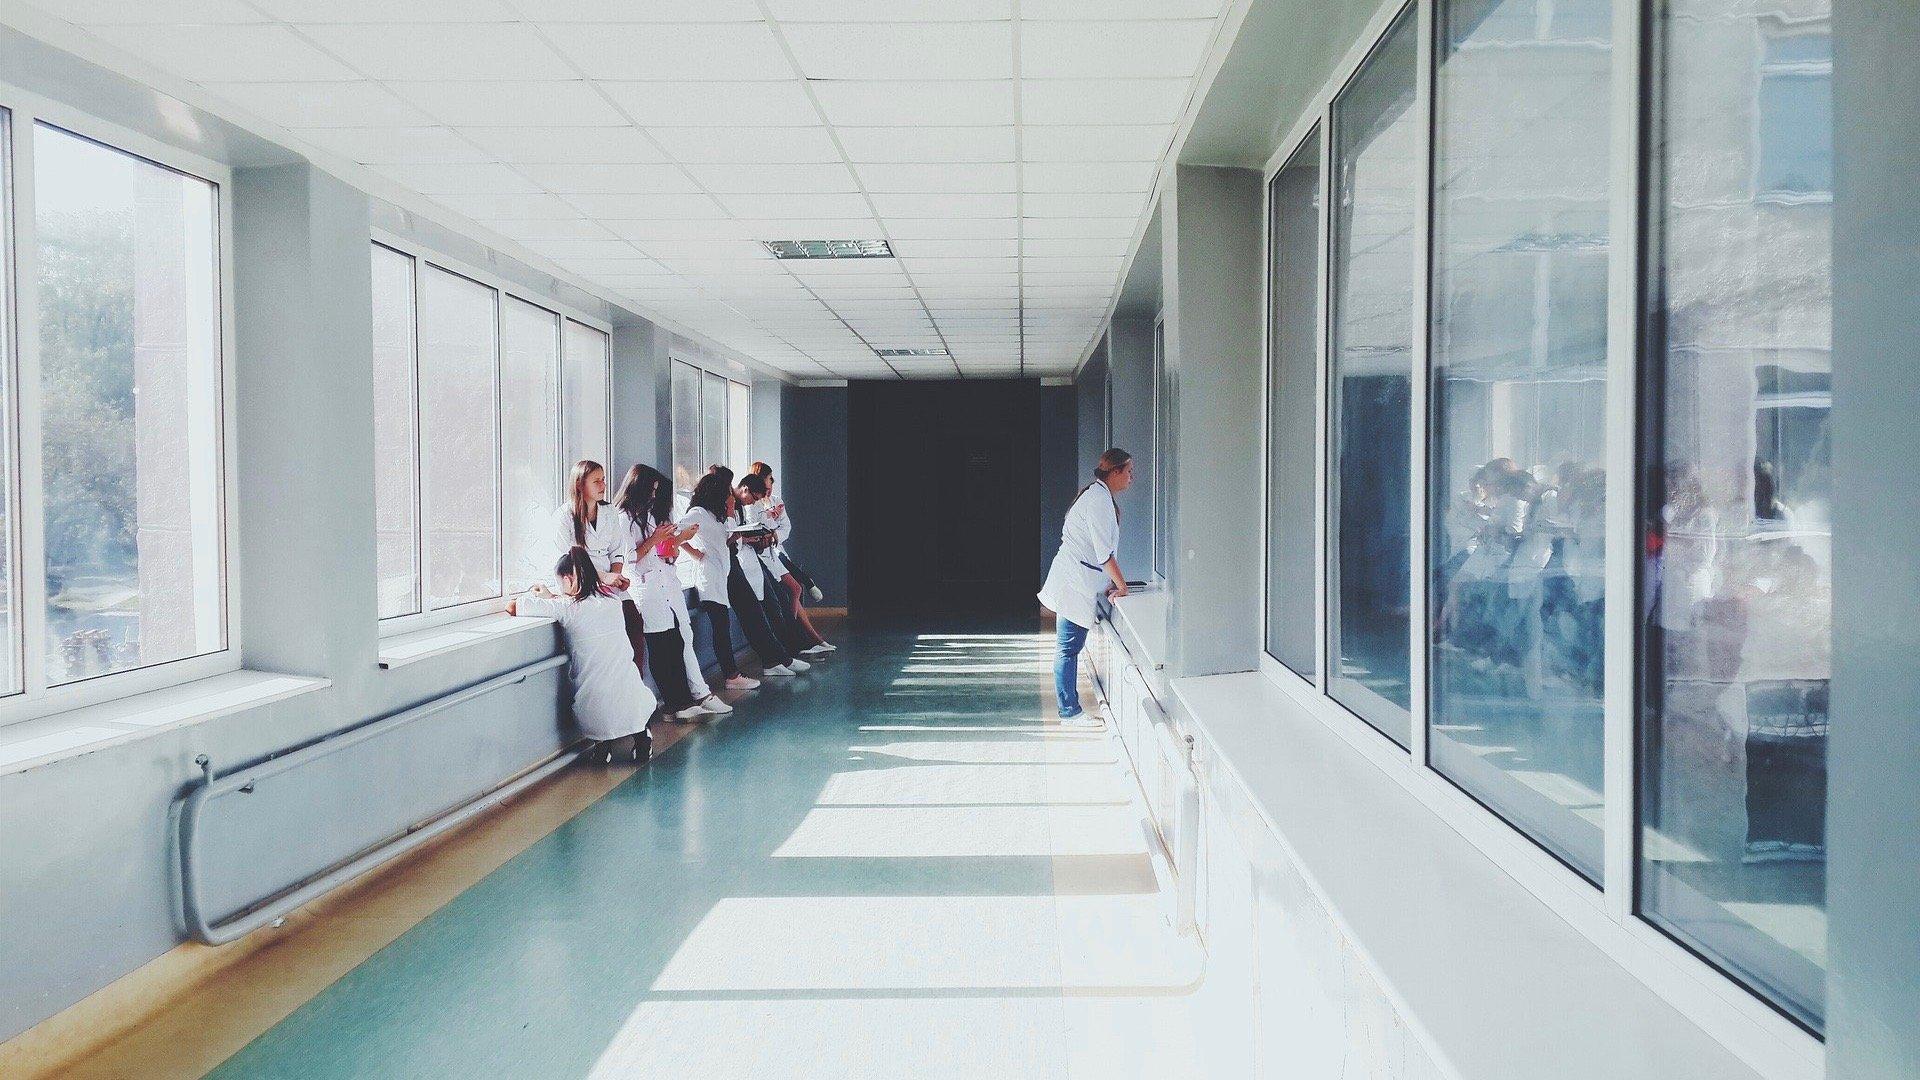 doctors-2607295_1920 2